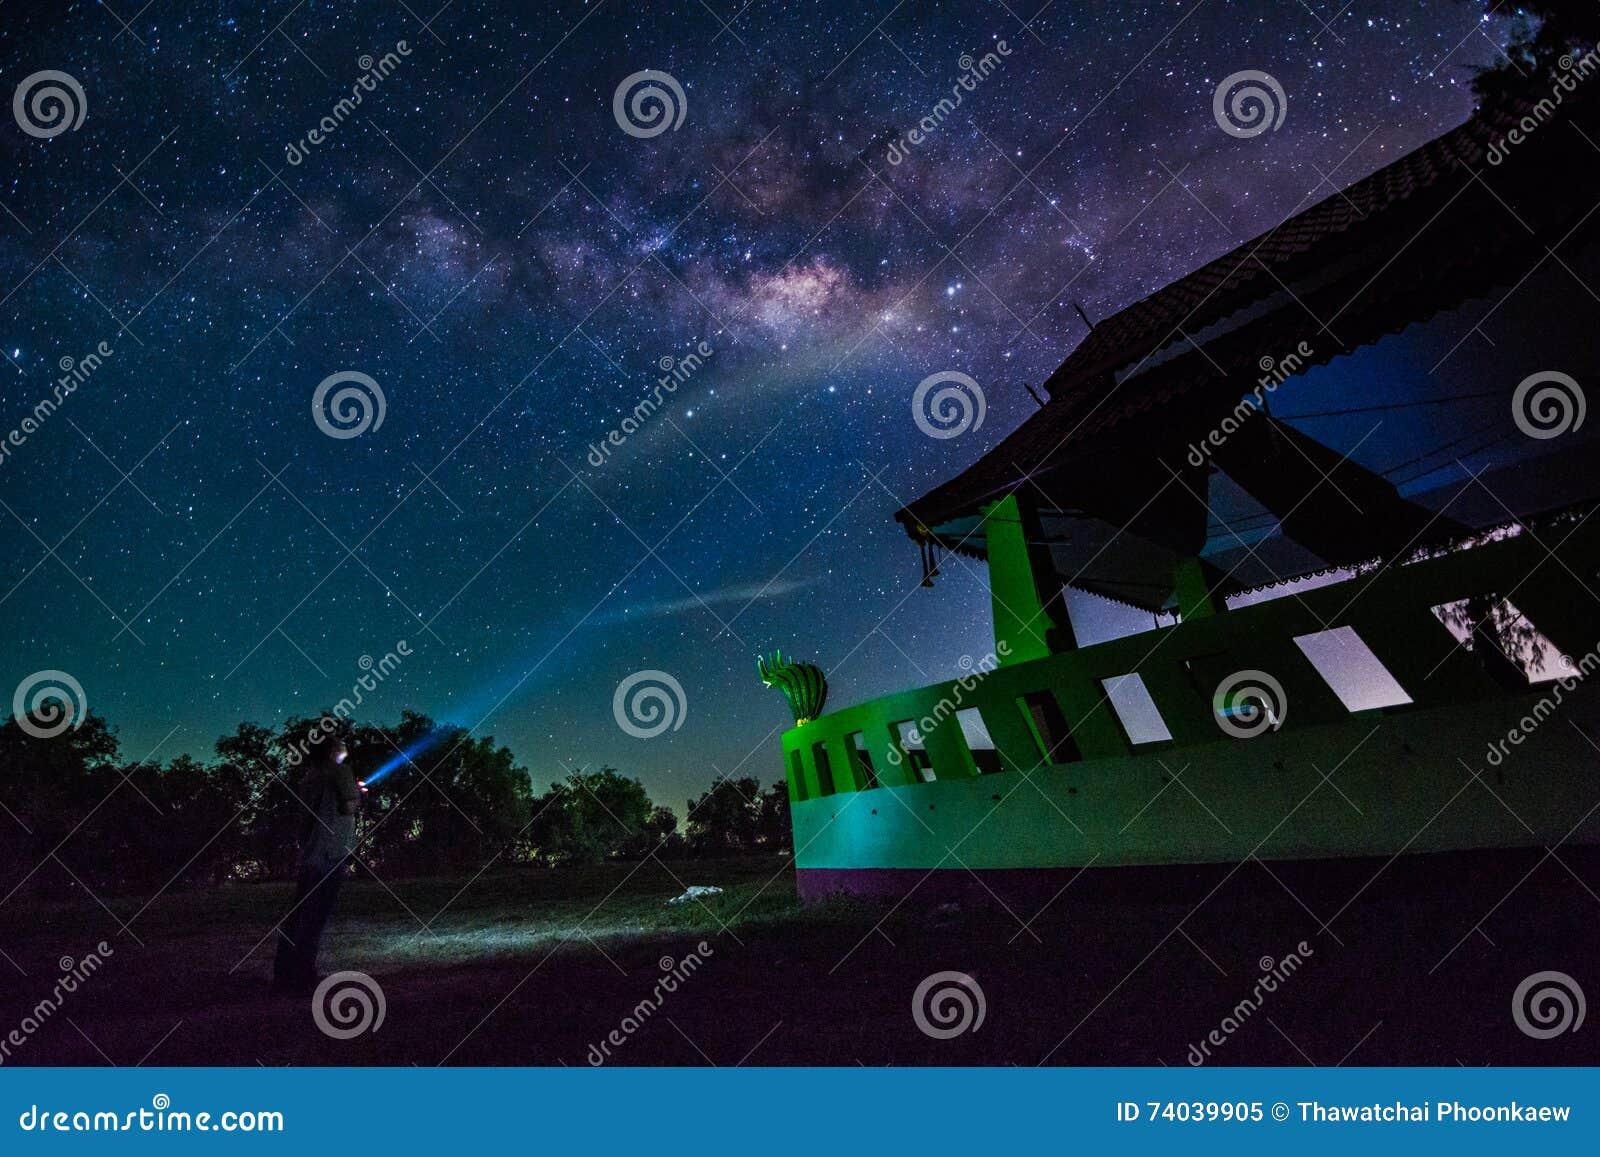 Mjölkaktig väg och miljon stjärna i himmel över den thailändska drakestatyn